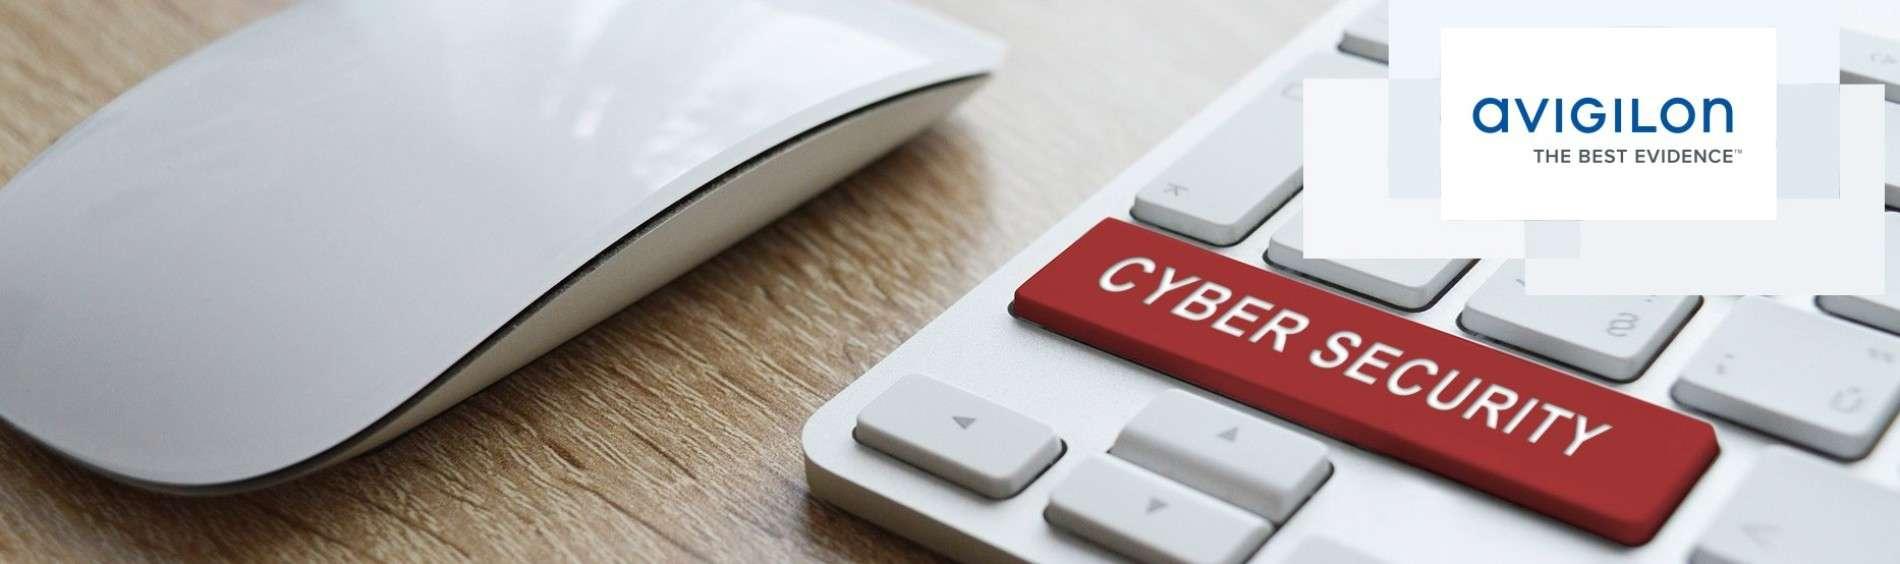 Avigilon : Se protéger contre les cyber-vulnérabilités